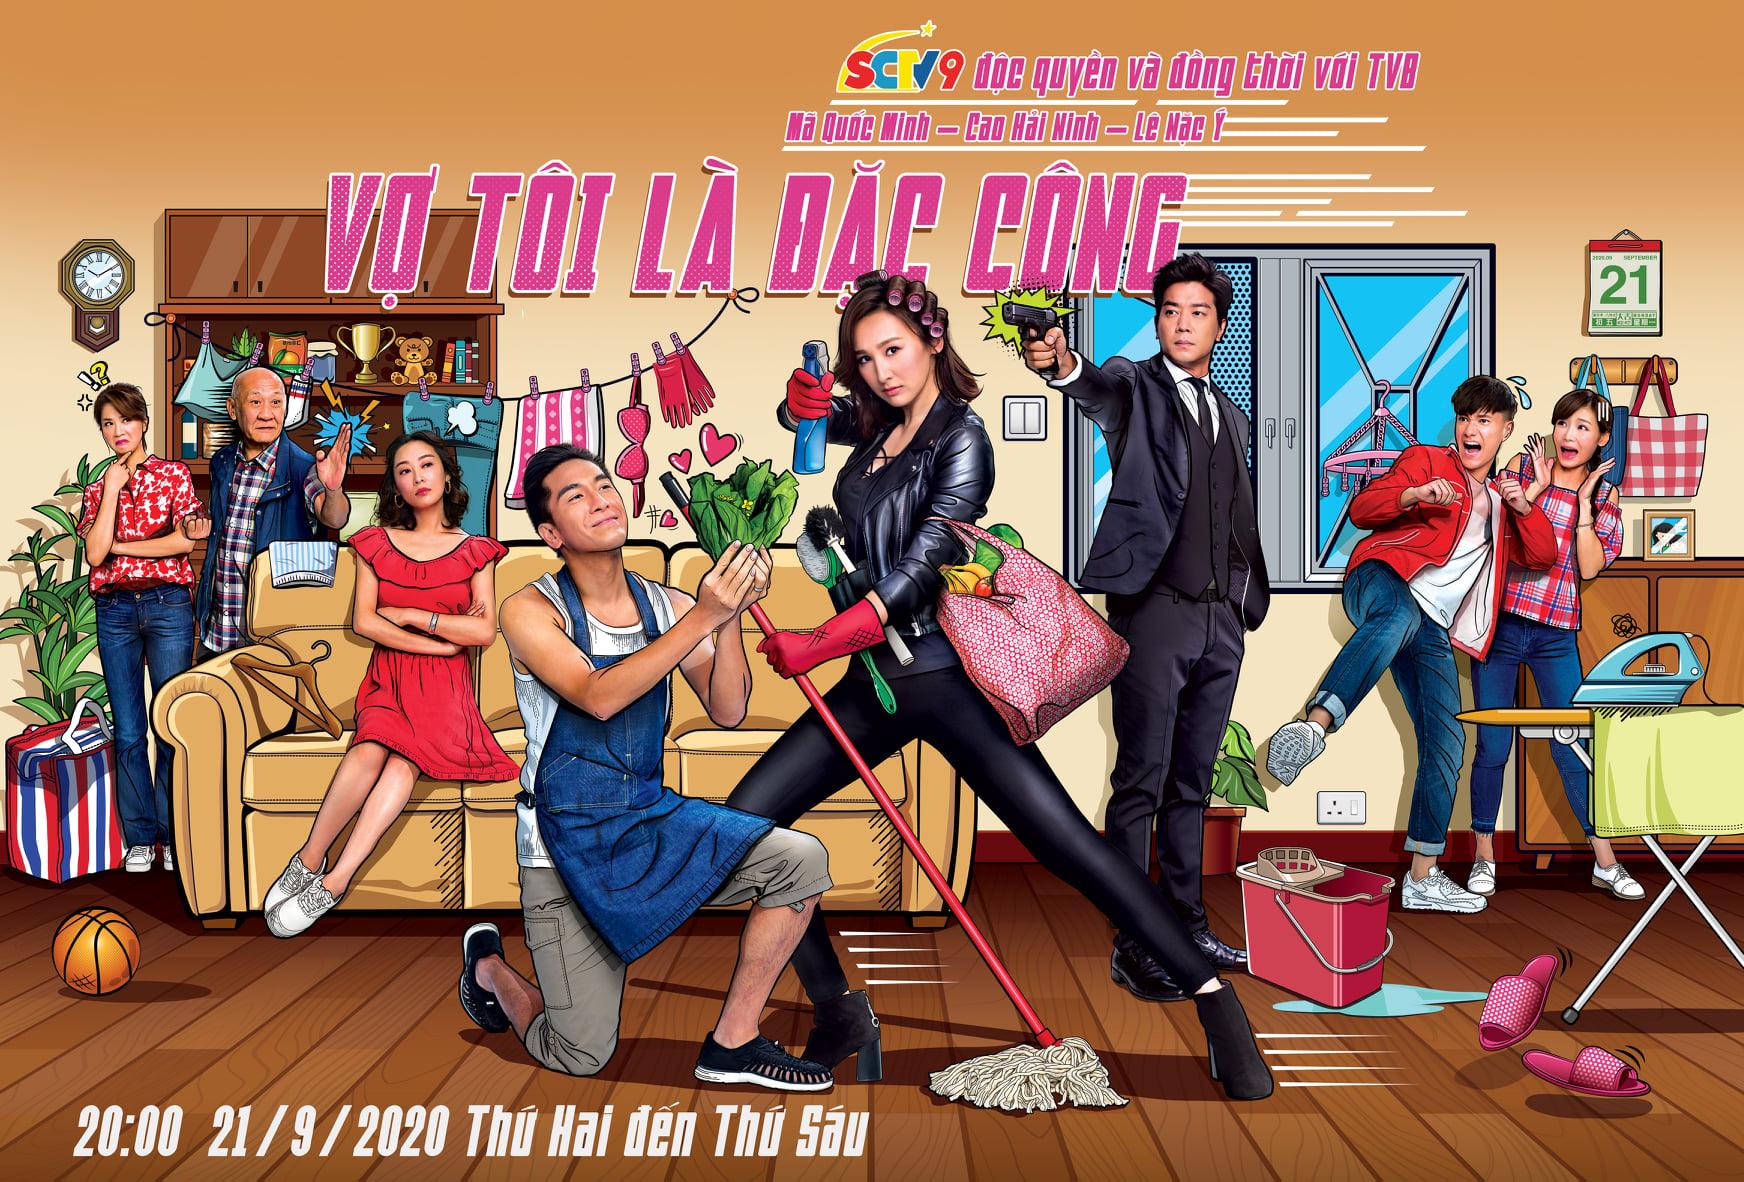 Vợ Tôi Là Đặc Công - SCTV9 (2020)